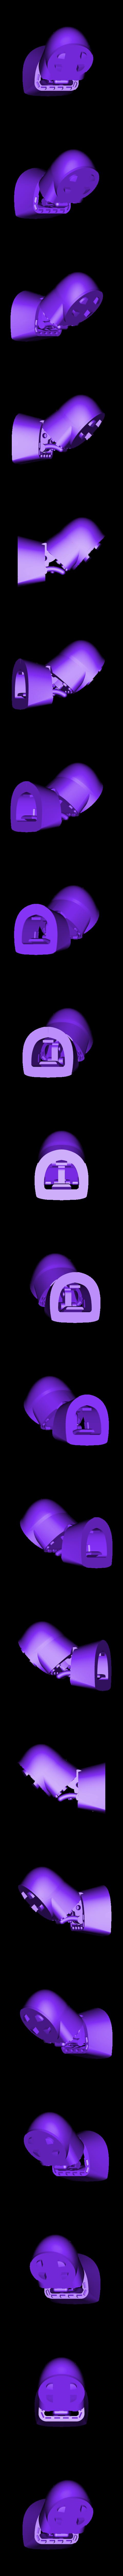 No_Face_Man_Head_2.stl Télécharger fichier STL gratuit Pas de visage homme (faux) • Design à imprimer en 3D, ROYLO